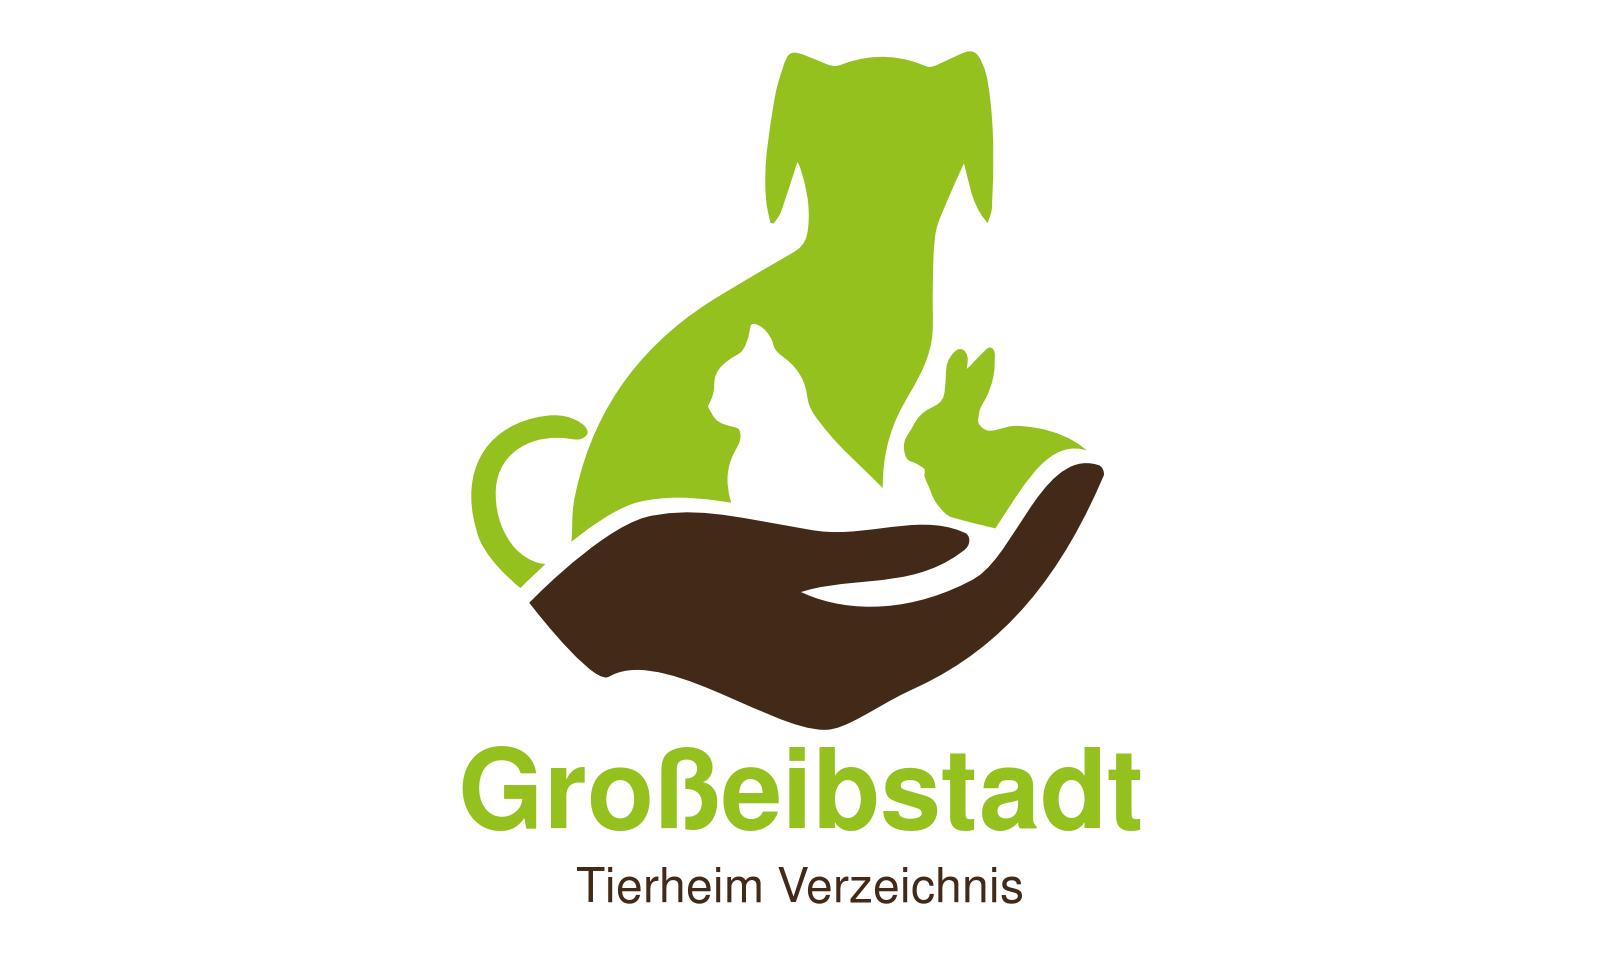 Tierheim Großeibstadt